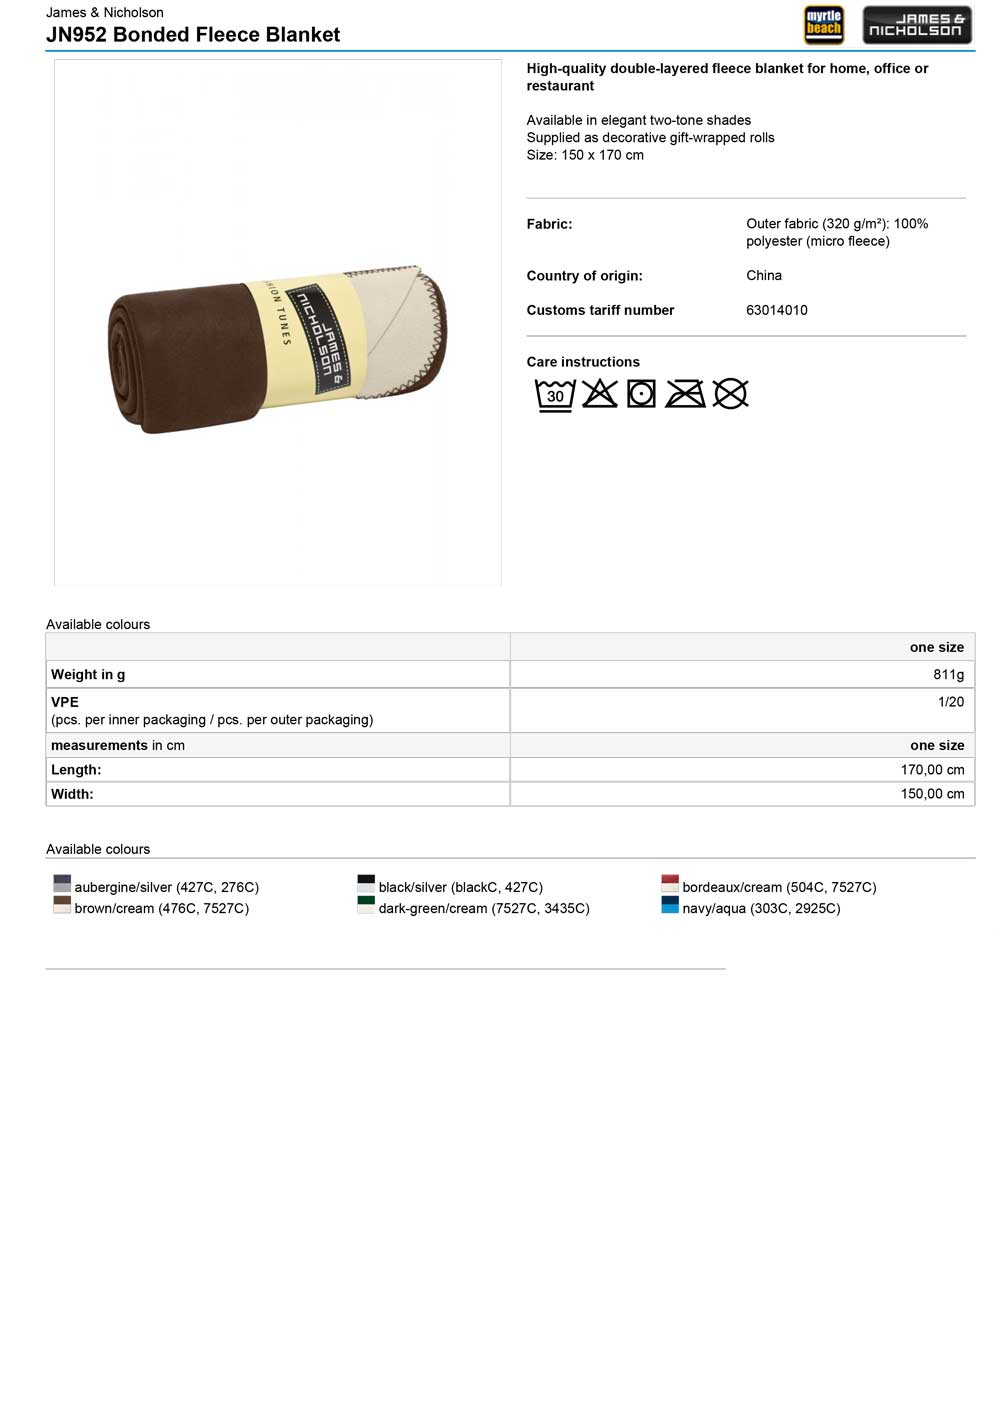 JN952 Specifikacije